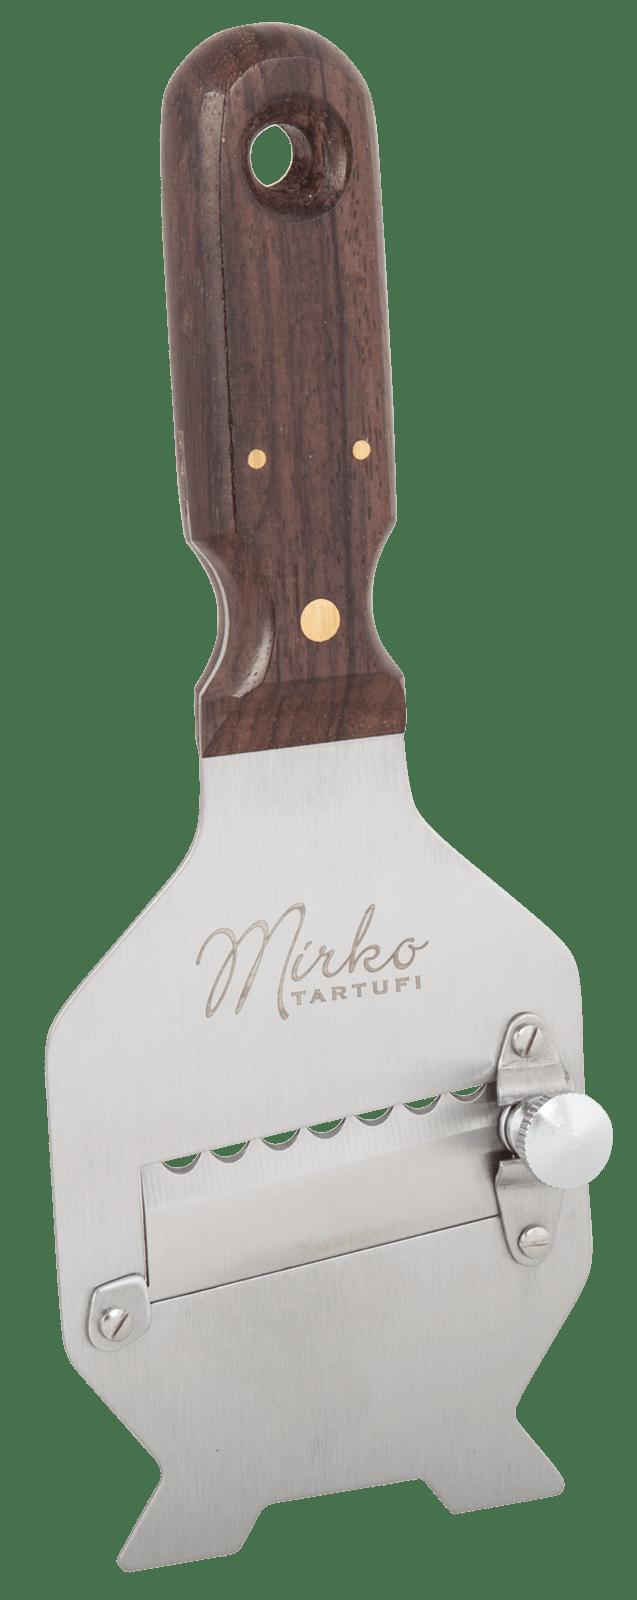 Mirko Tartufi | Taglierina manico legno